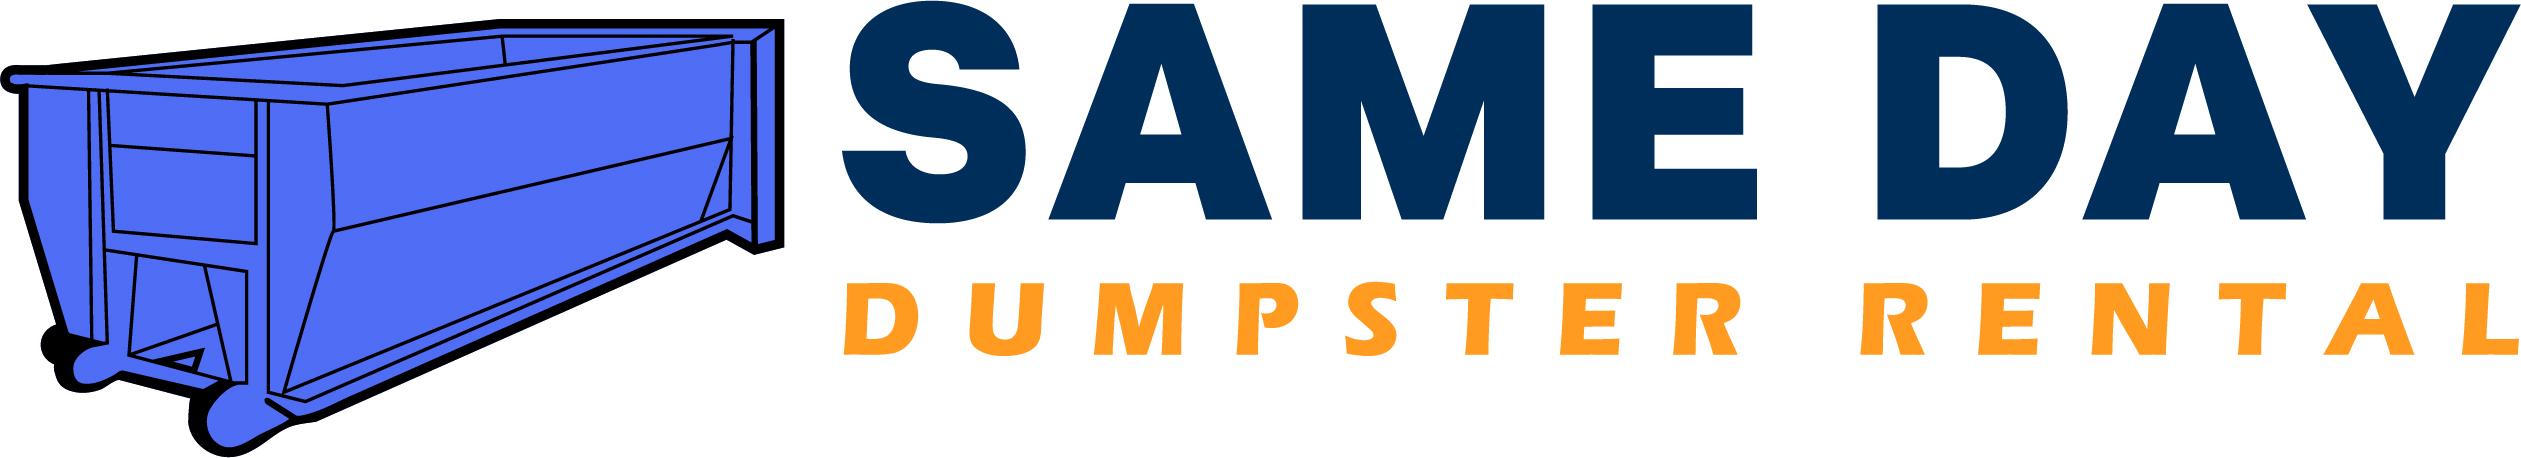 Same Day Dumpster Rental Worcester